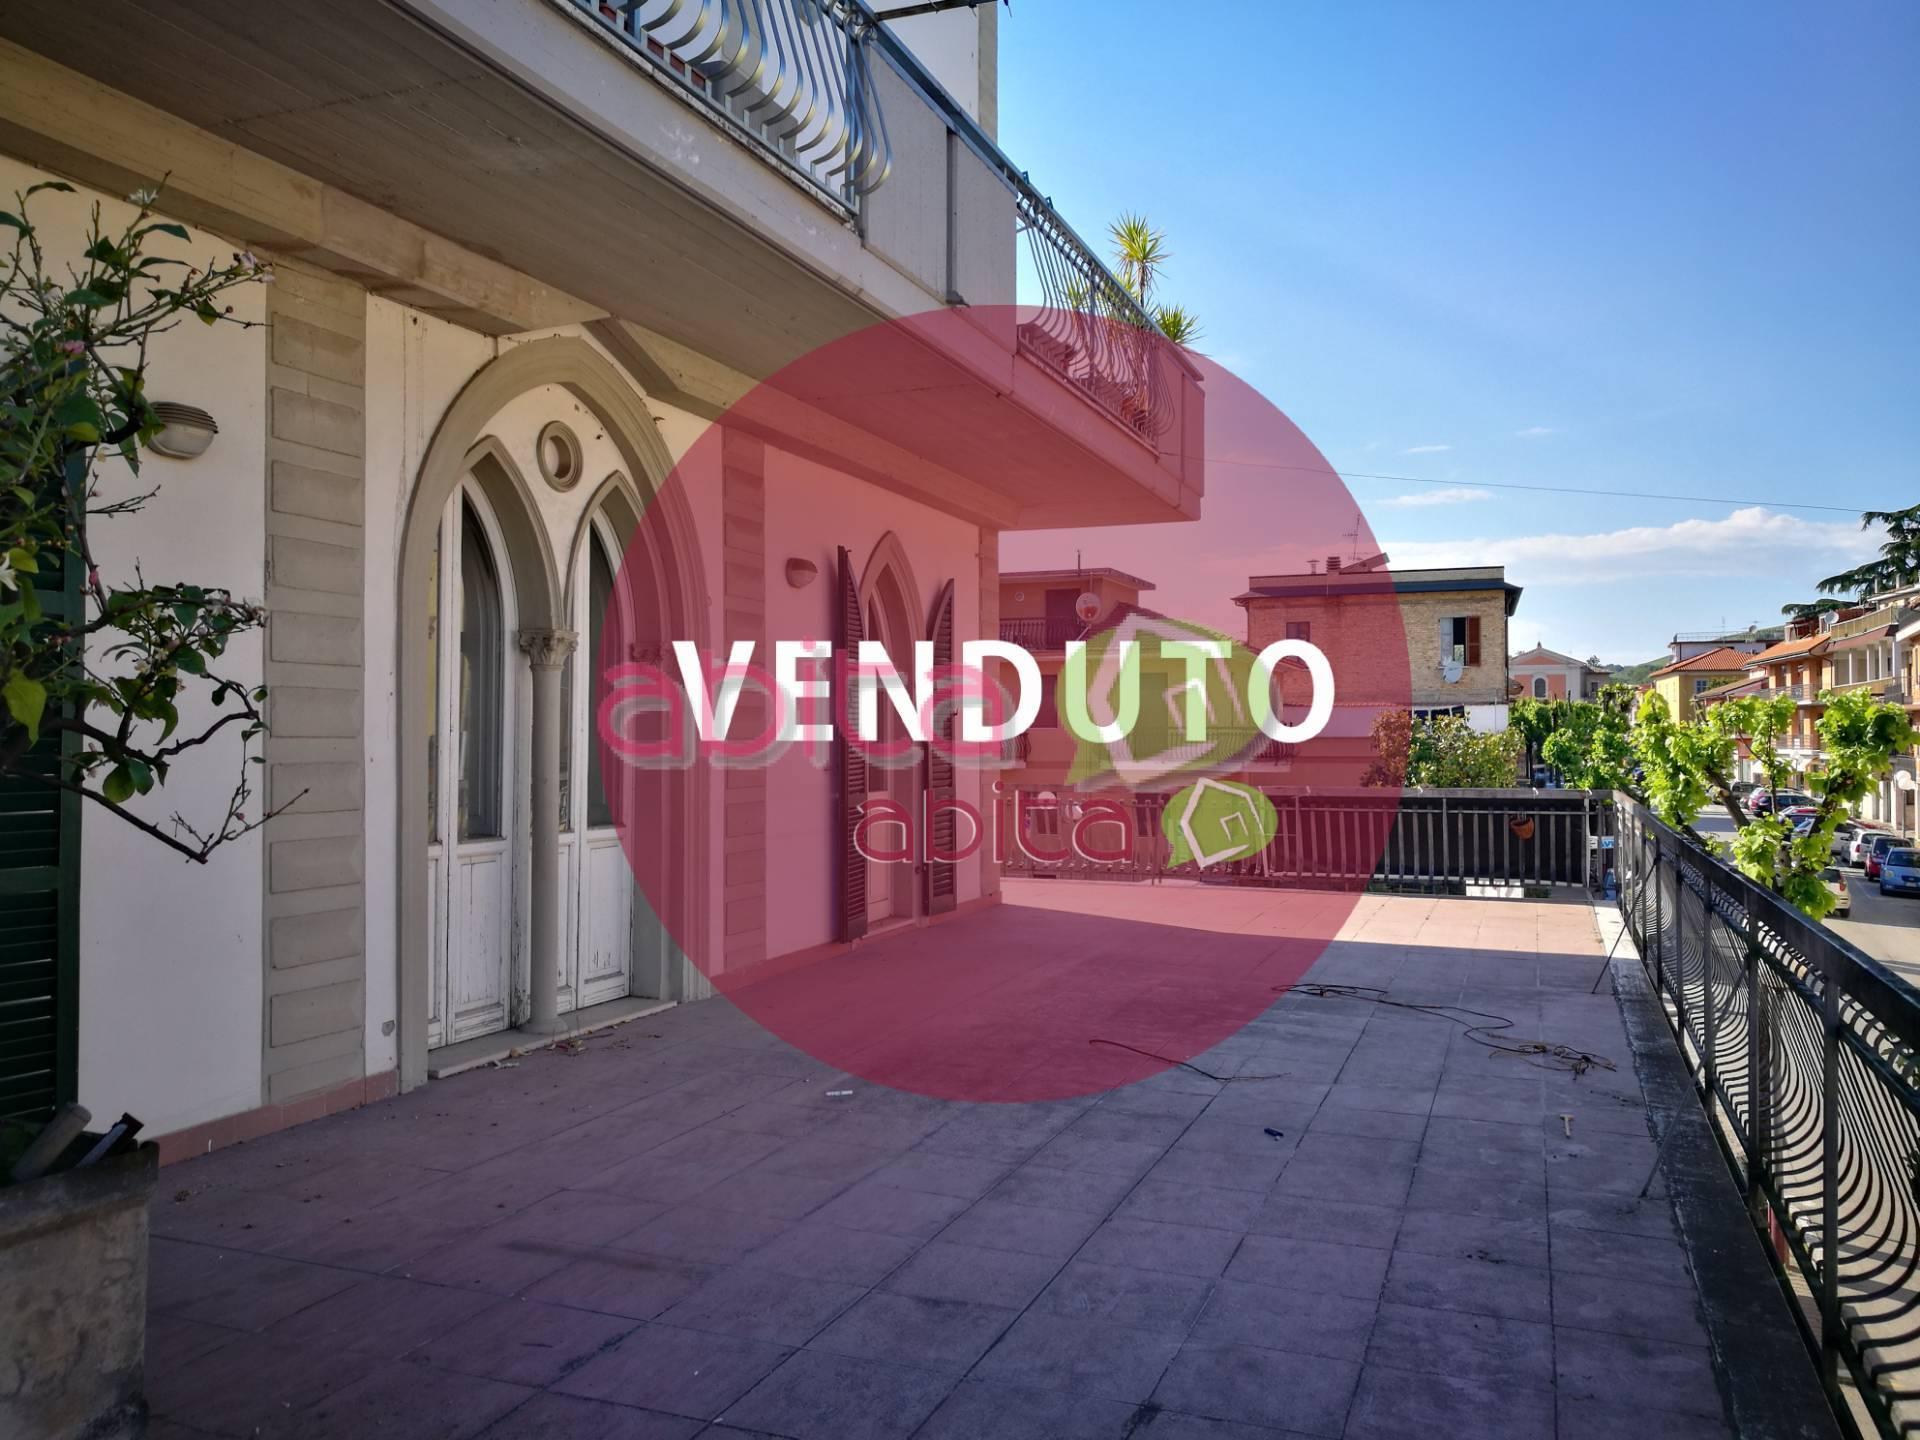 Appartamento in vendita a Spinetoli, 4 locali, zona Località: PagliaredelTronto, prezzo € 90.000   CambioCasa.it